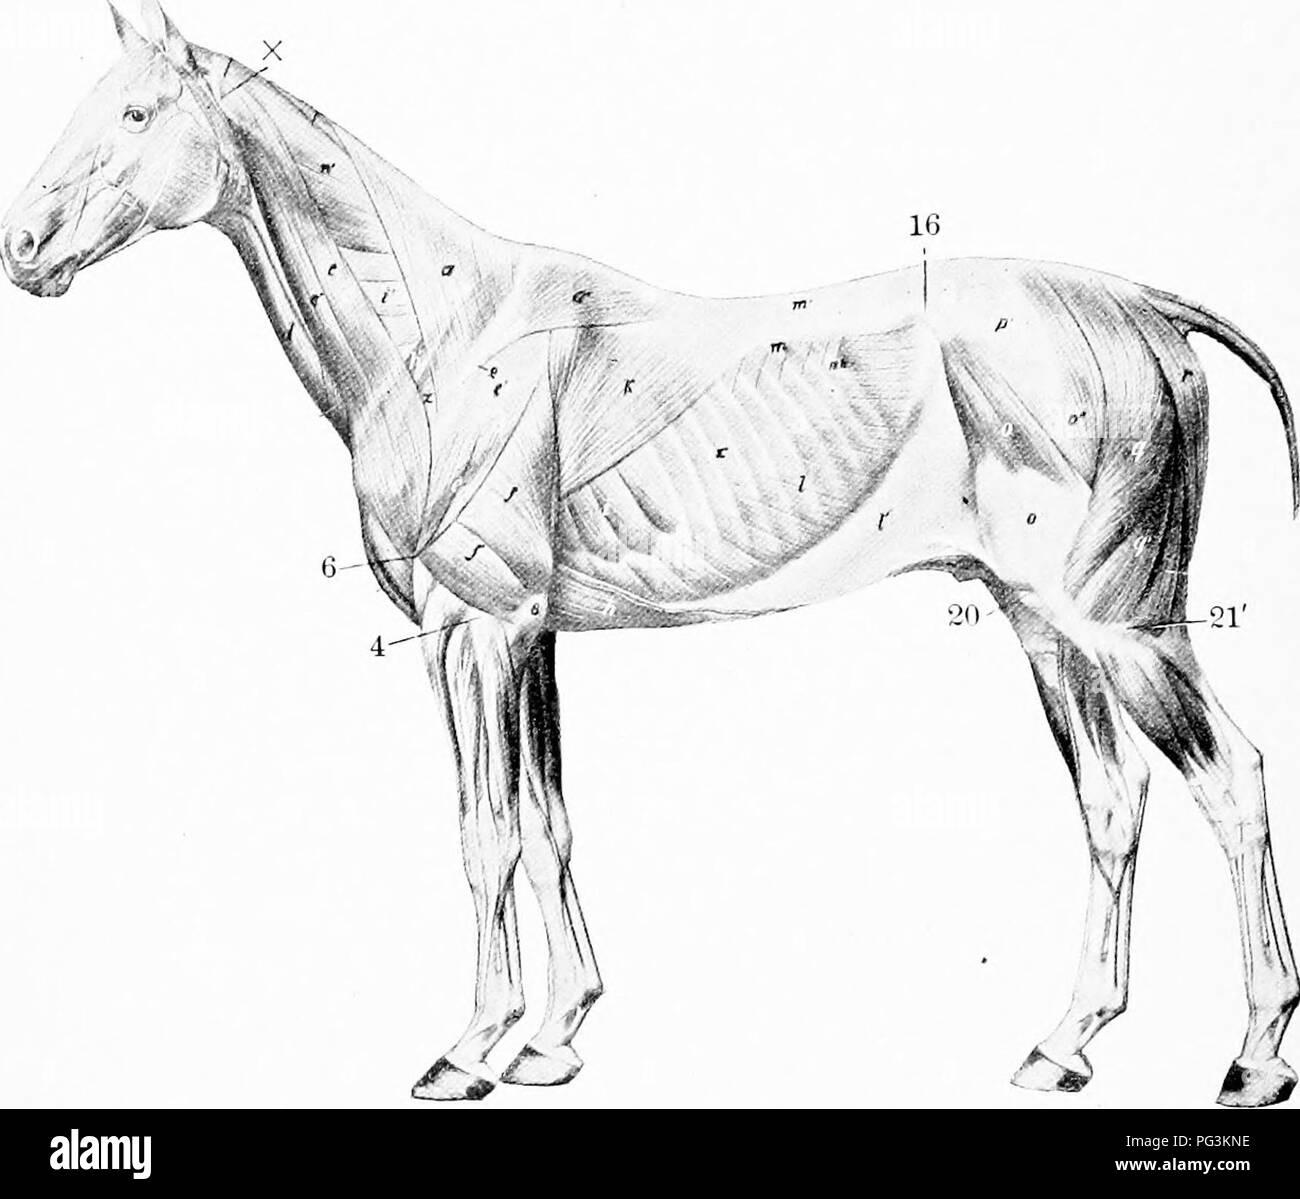 . El caballo en la salud y la enfermedad: un libro de texto relativos a la ciencia veterinaria para estudiantes de agricultura . Los caballos; los caballos. Capítulo III EL SISTEMA muscular de los músculos del cuerpo eoin|)risc tho carne o carne magra y la parte muscular de las paredes del estómago, intestinos y otros. Quin?. S.-capa superficial de los músculos: x, ala de Atlas; 2, columna vertebral de la escápula; 4, C(jndyle del húmero; 6, tuberosidad deltoidea; 8, olécranon; 10, ángulo externo de Ilión; 20, patella; 21', el cóndilo lateral de la tibia. (Ellenberger-Baum, Anat. fiir Kunstler.) órganos blandos. El sistema muscular es la mayor de todas las Foto de stock